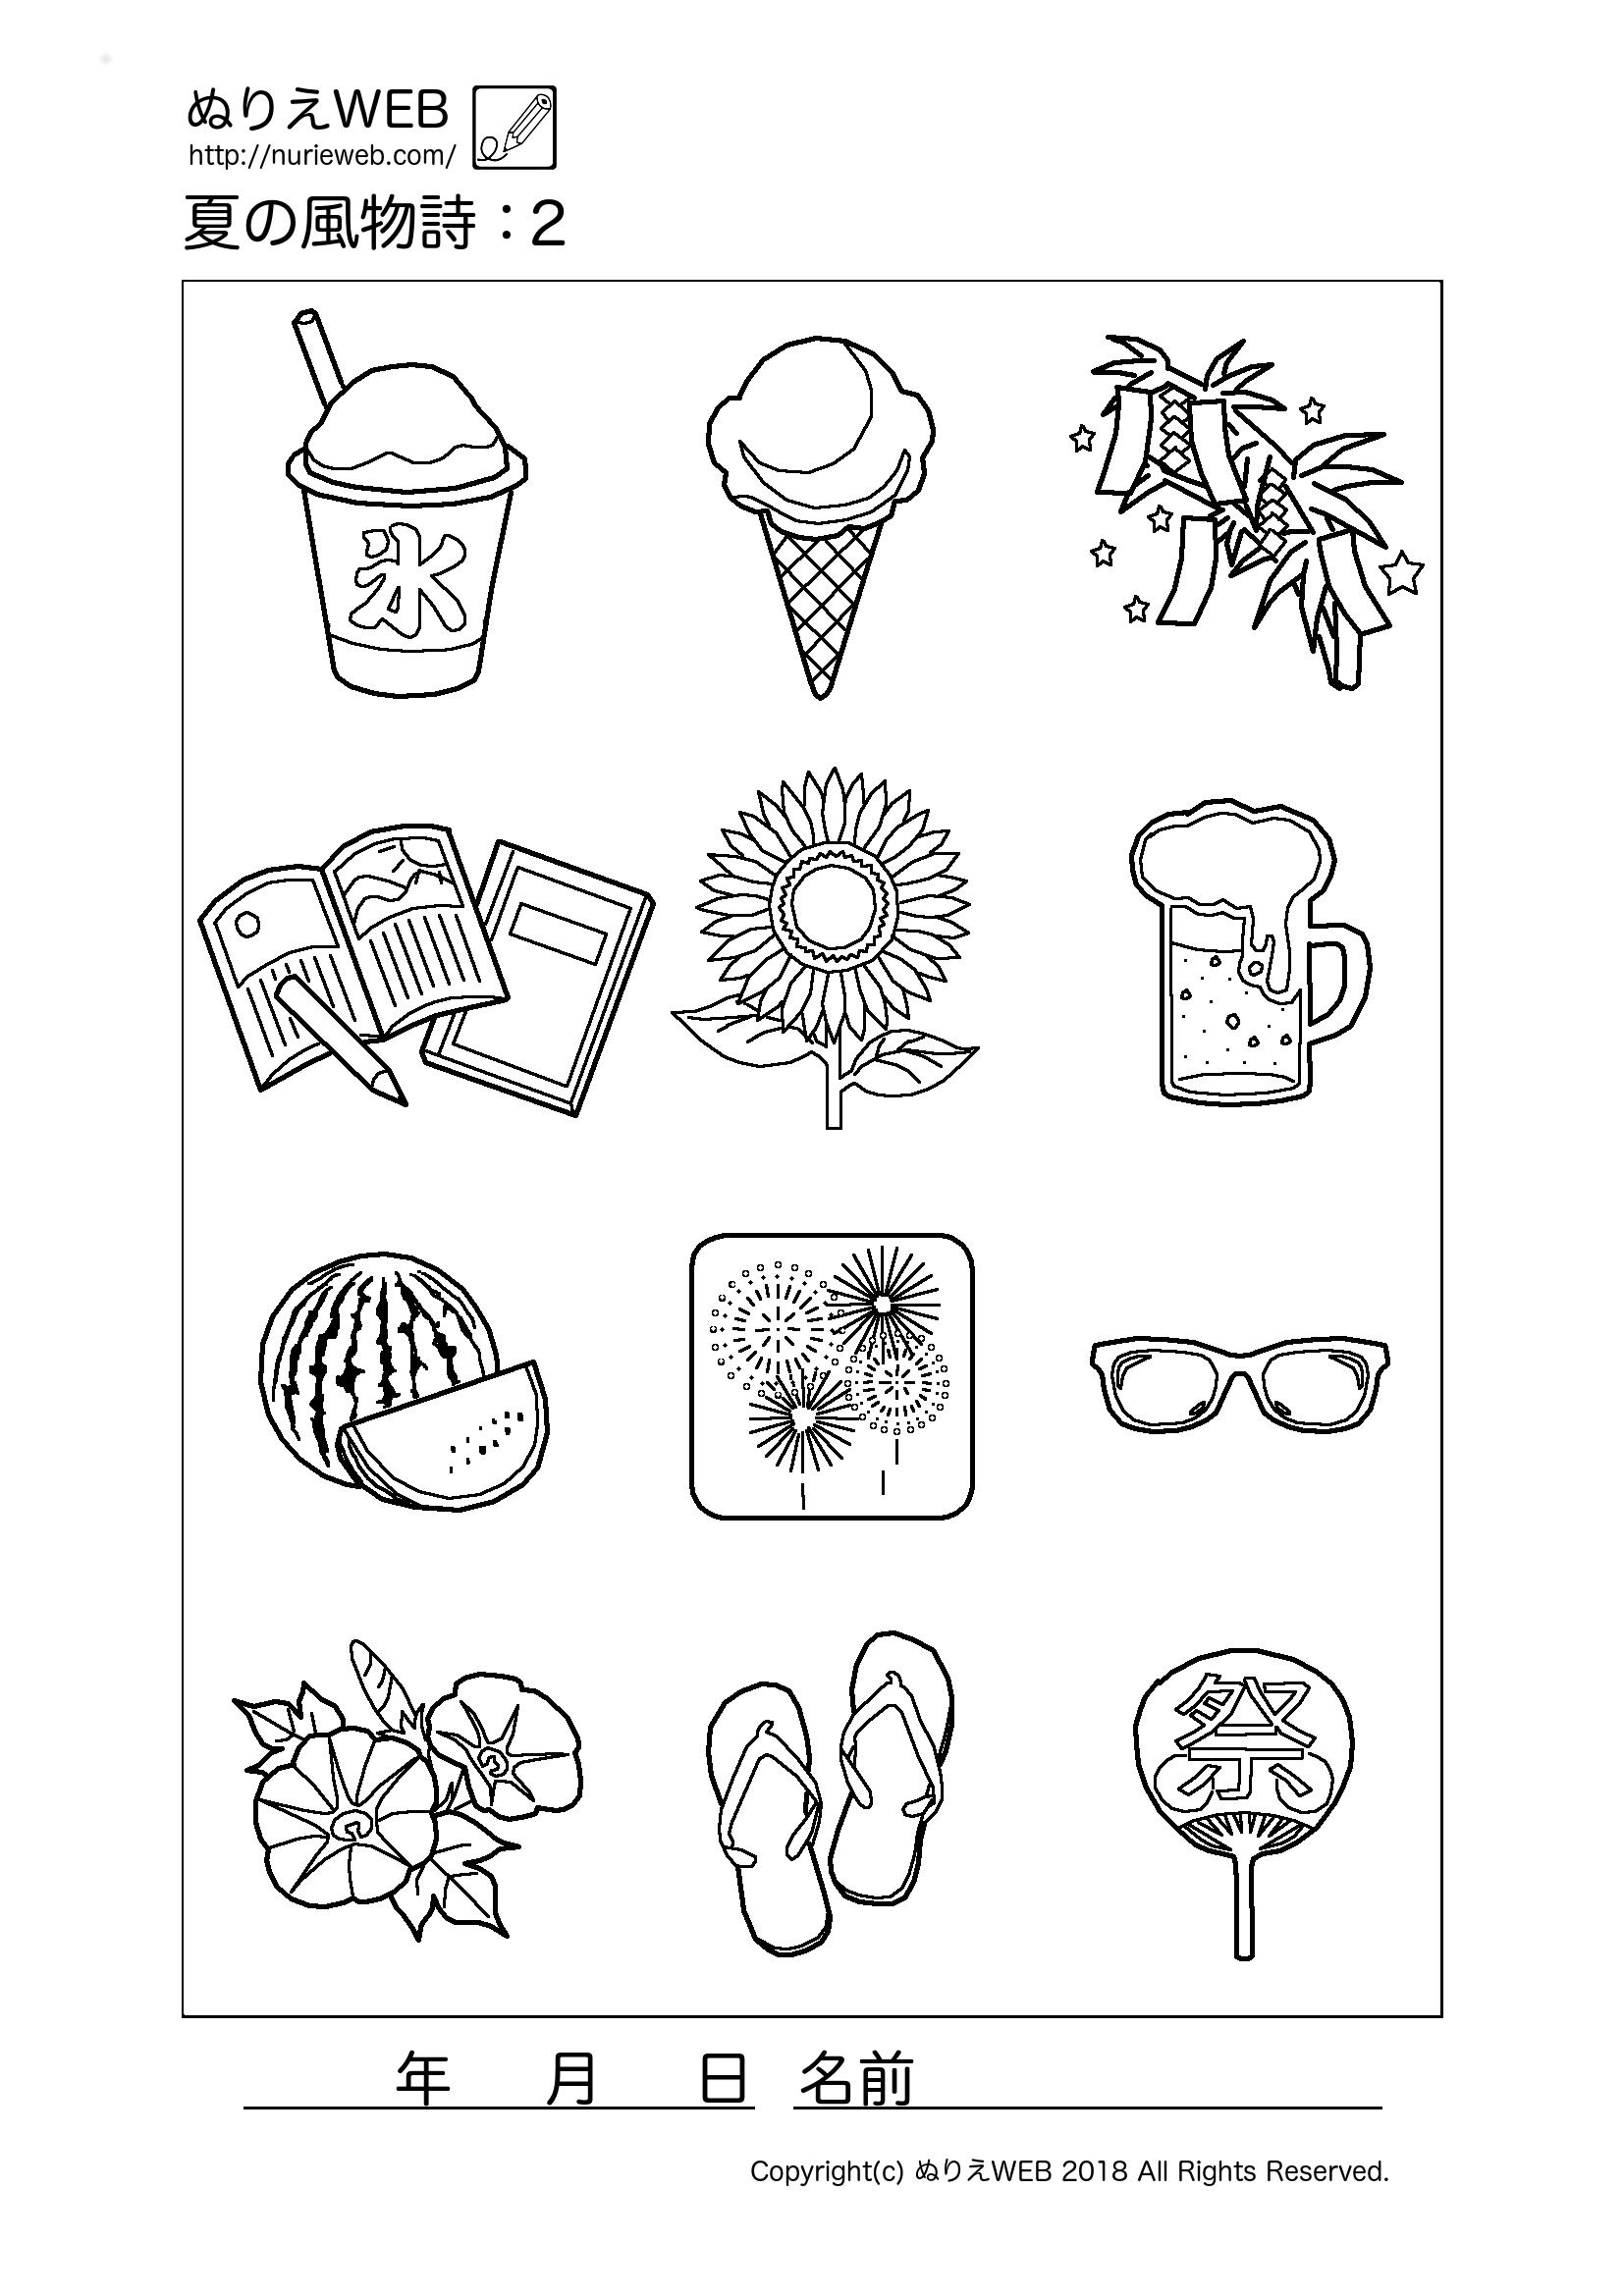 ぬりえweb:夏の風物詩塗り絵 | ぬりえweb コレクション | ぬりえ